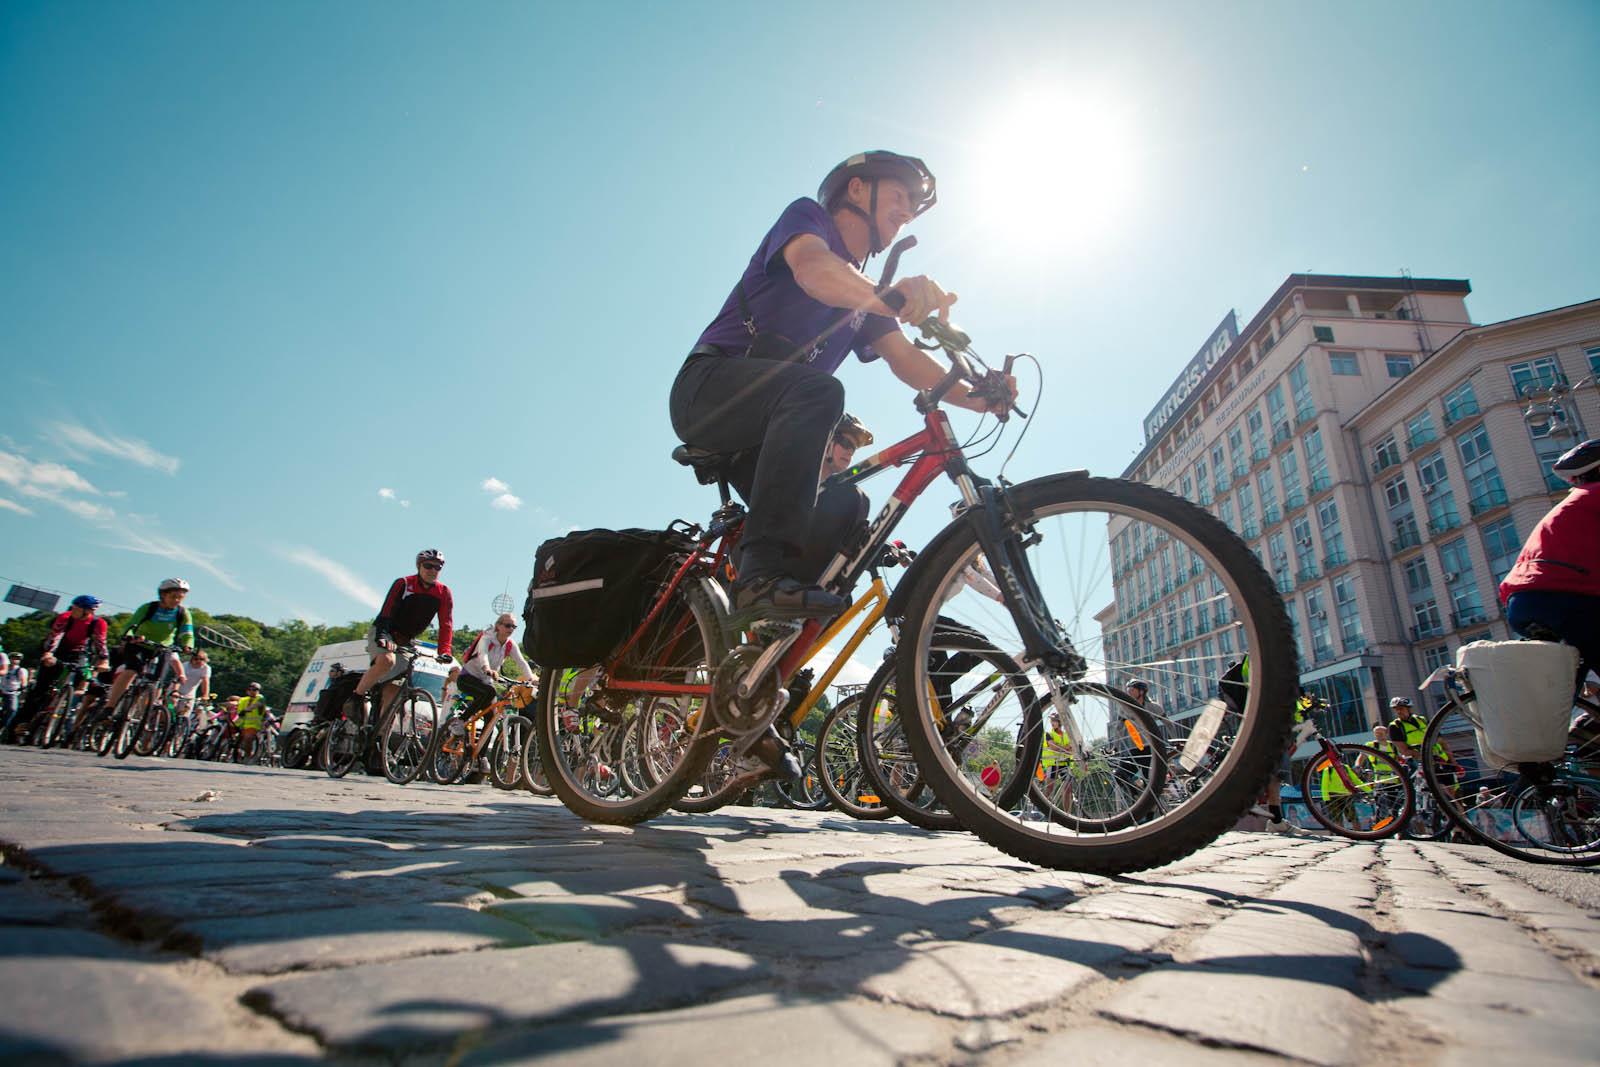 Велопробіг, майстер-класи талотерея: УФранківську проходить масштабний Велодень